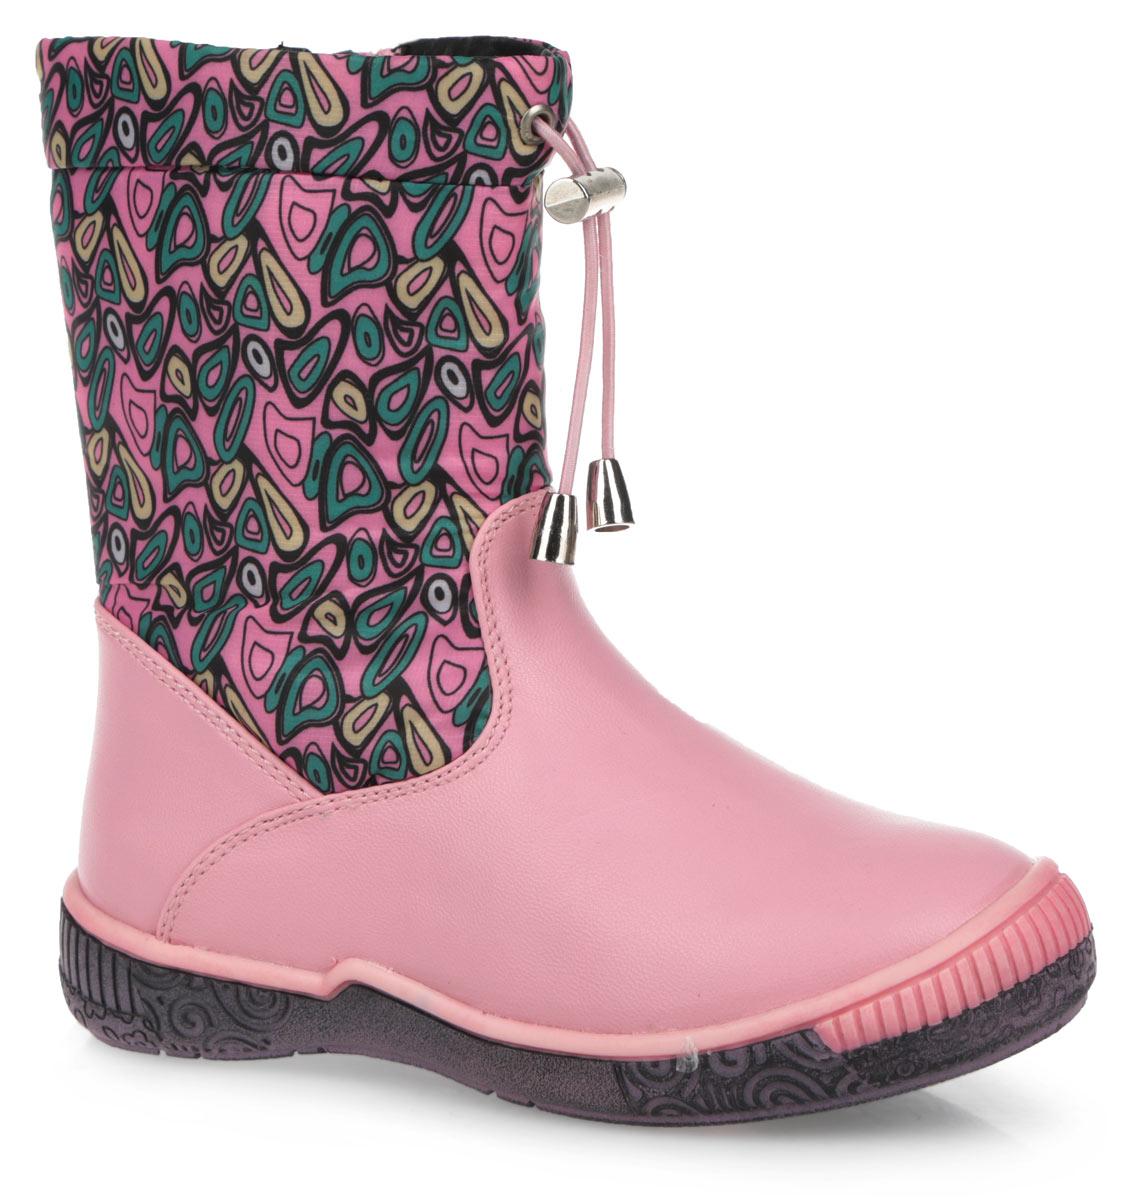 3013602Очаровательные сапожки от Mursu приведут в восторг вашу девочку! Модель изготовлена из текстиля и искусственной кожи. Обувь оформлена на голенище оригинальным принтом. Сапоги застегиваются на удобную застежку-молнию, расположенную на одной из боковых сторон. Верх голенища регулируется в объеме за счет шнурка с бегунком. Подкладка и стелька из шерсти комфортны при ходьбе. Подошва с рифленым рисунком в виде цветов защищает изделие от скольжения. Стильные и удобные сапоги займут достойное место в гардеробе вашего ребенка.